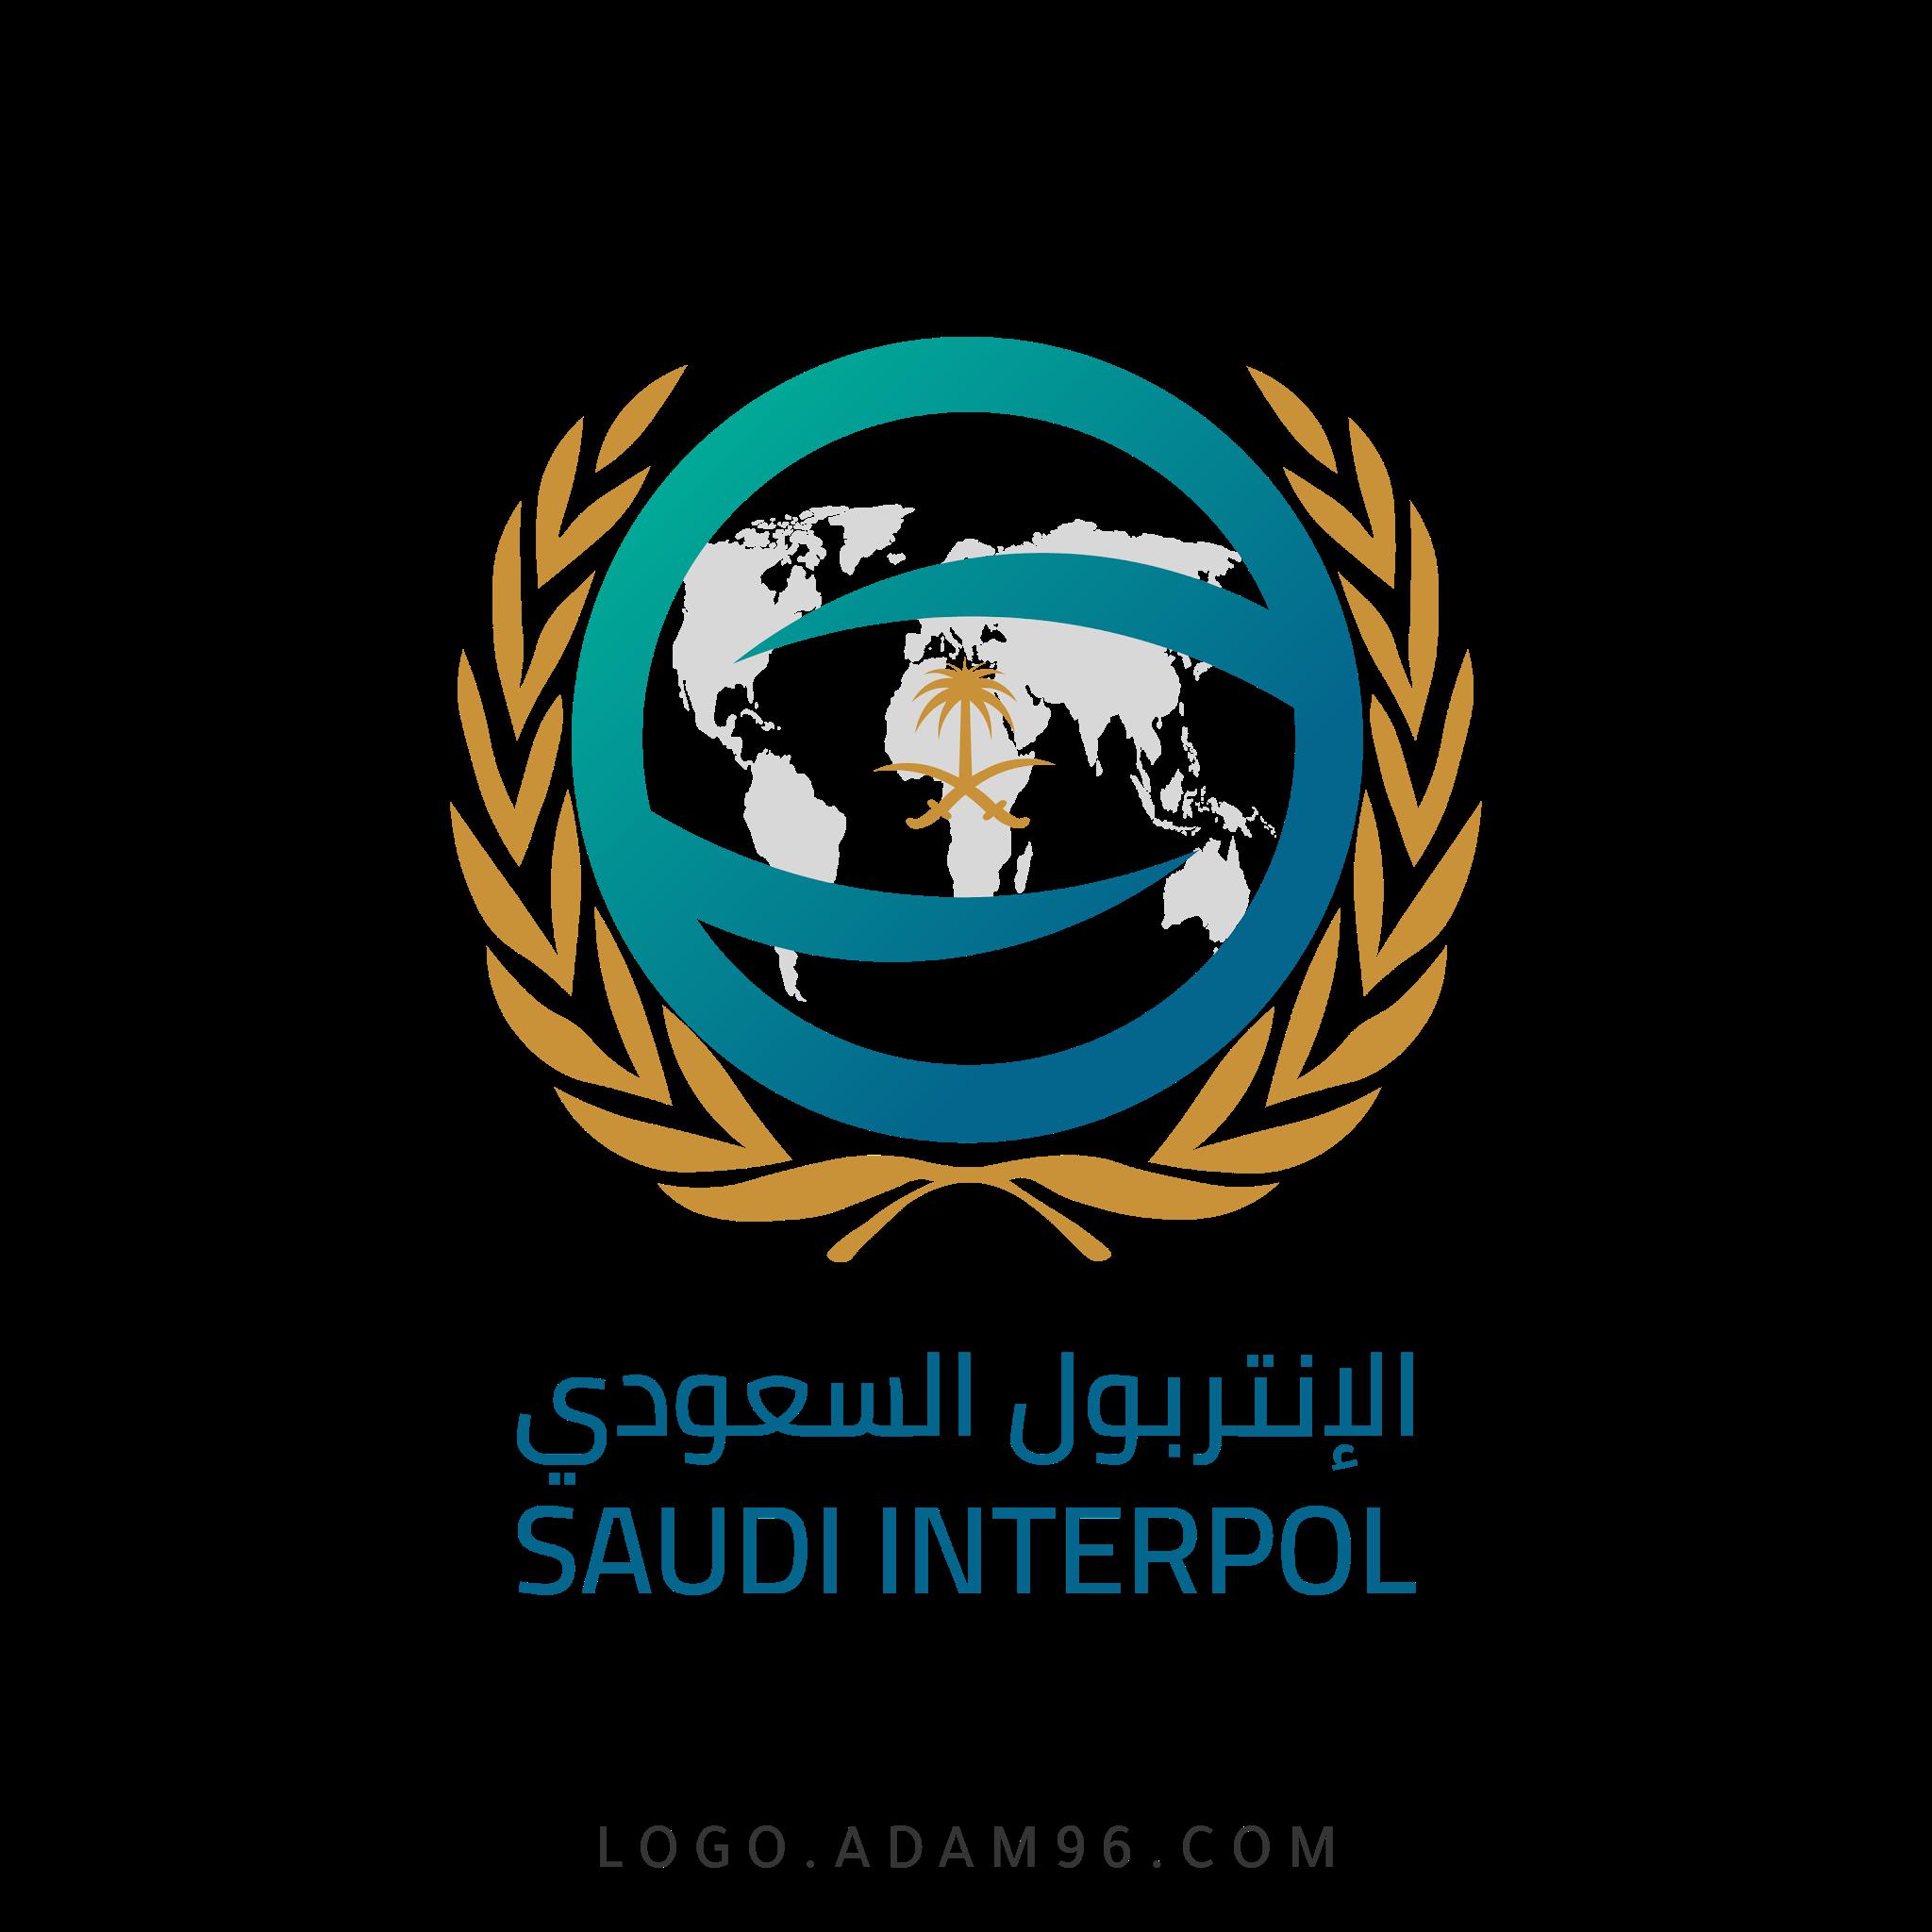 تحميل شعار الانتربول السعودي لوجو رسمي عالي الجودة بصيغة PNG